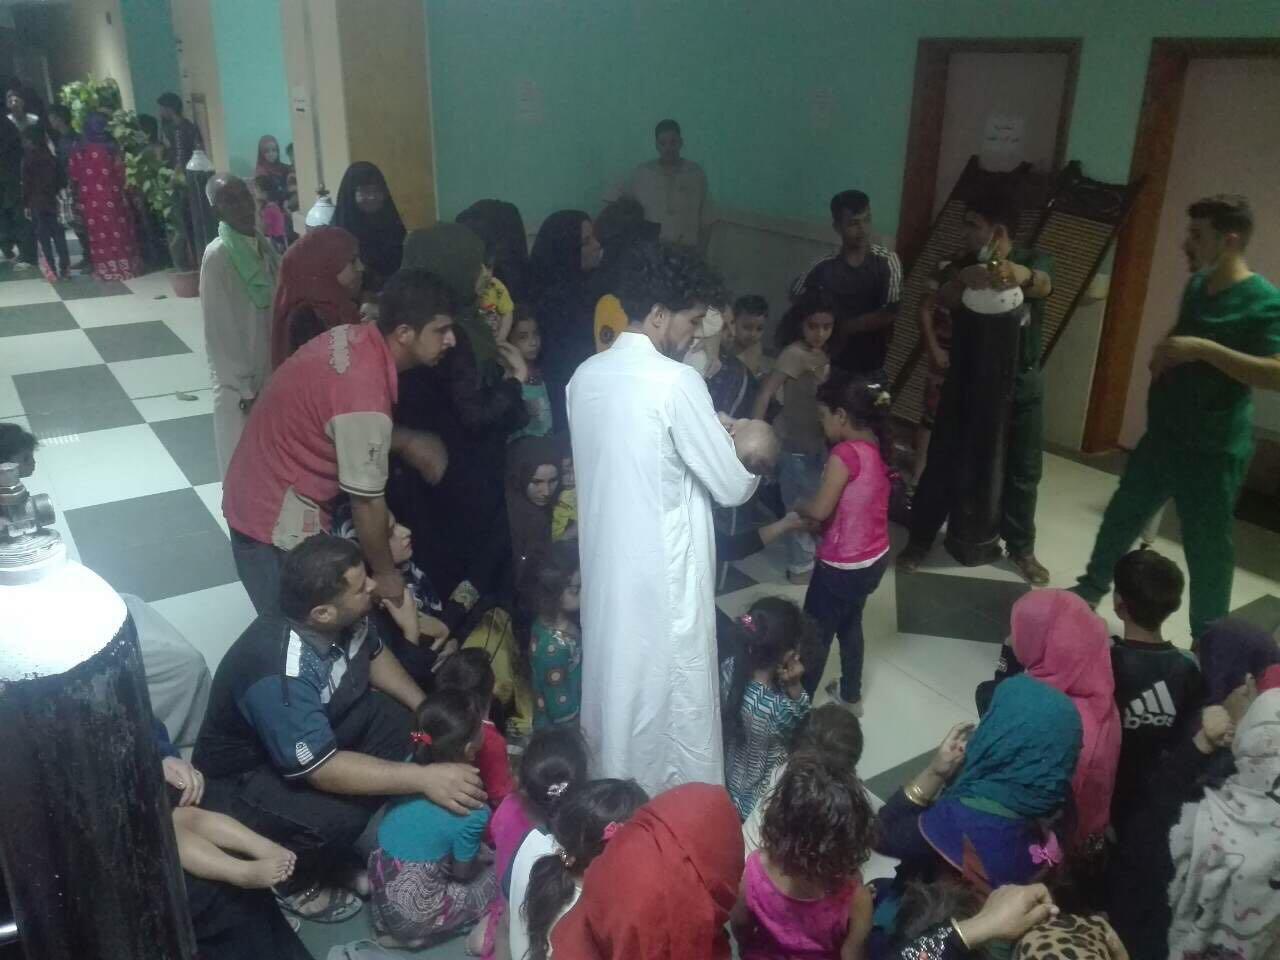 بالصور.. مستشفى الفلوجة يكتظ بمواطنين اصيبوا بالتسمم نتيجة زيادة بالكلور